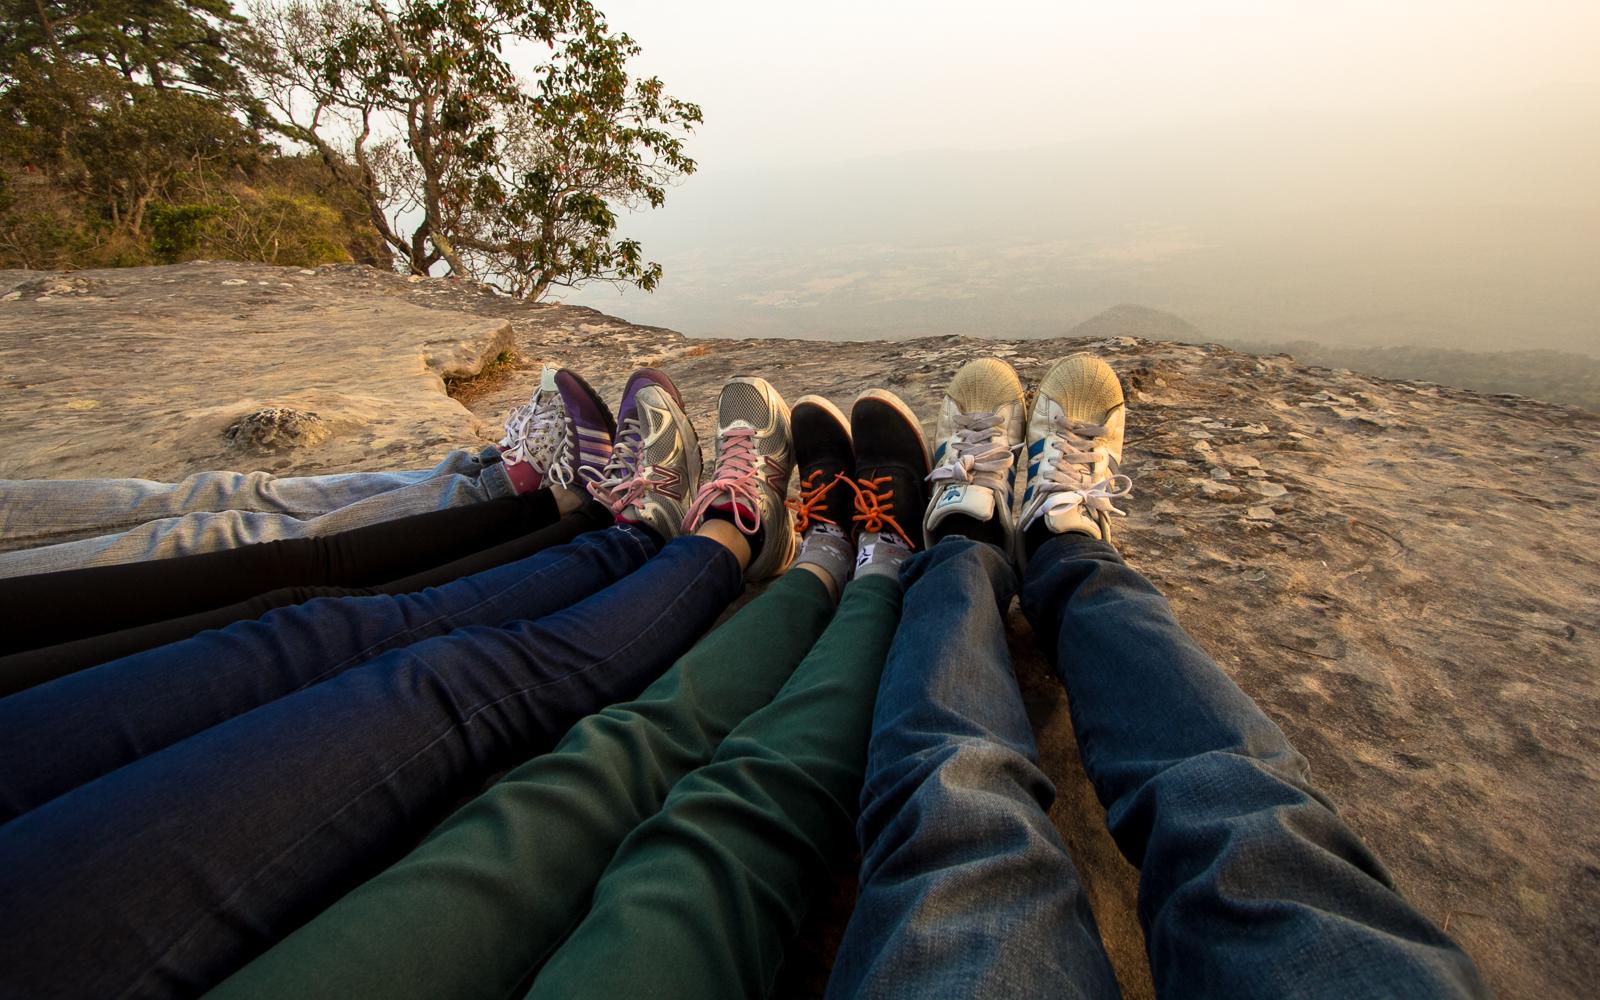 ไปเป็นกลุ่ม อุทยานแห่งชาติภูกระดึง - Phu Kradueng National Park